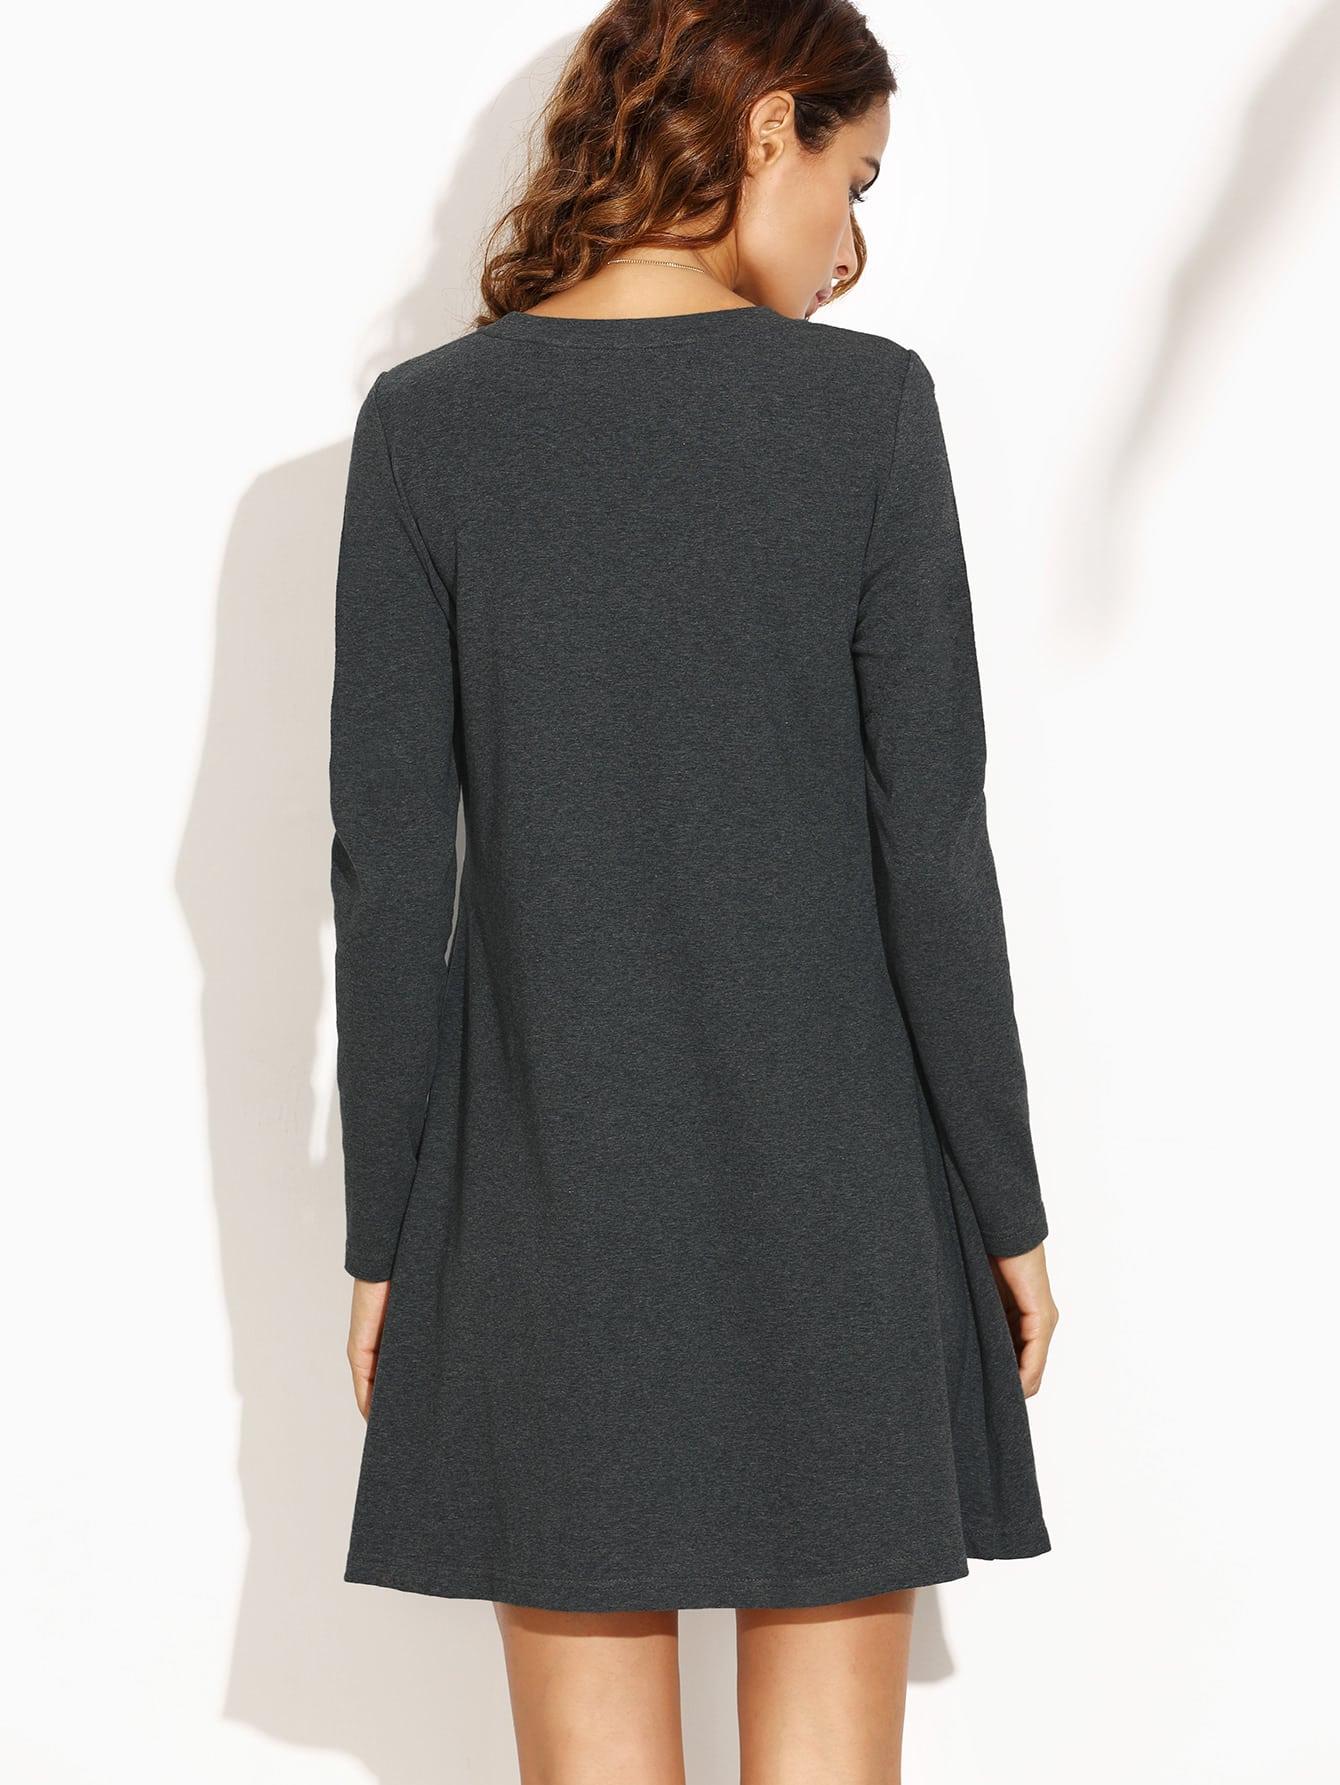 dress160804708_3